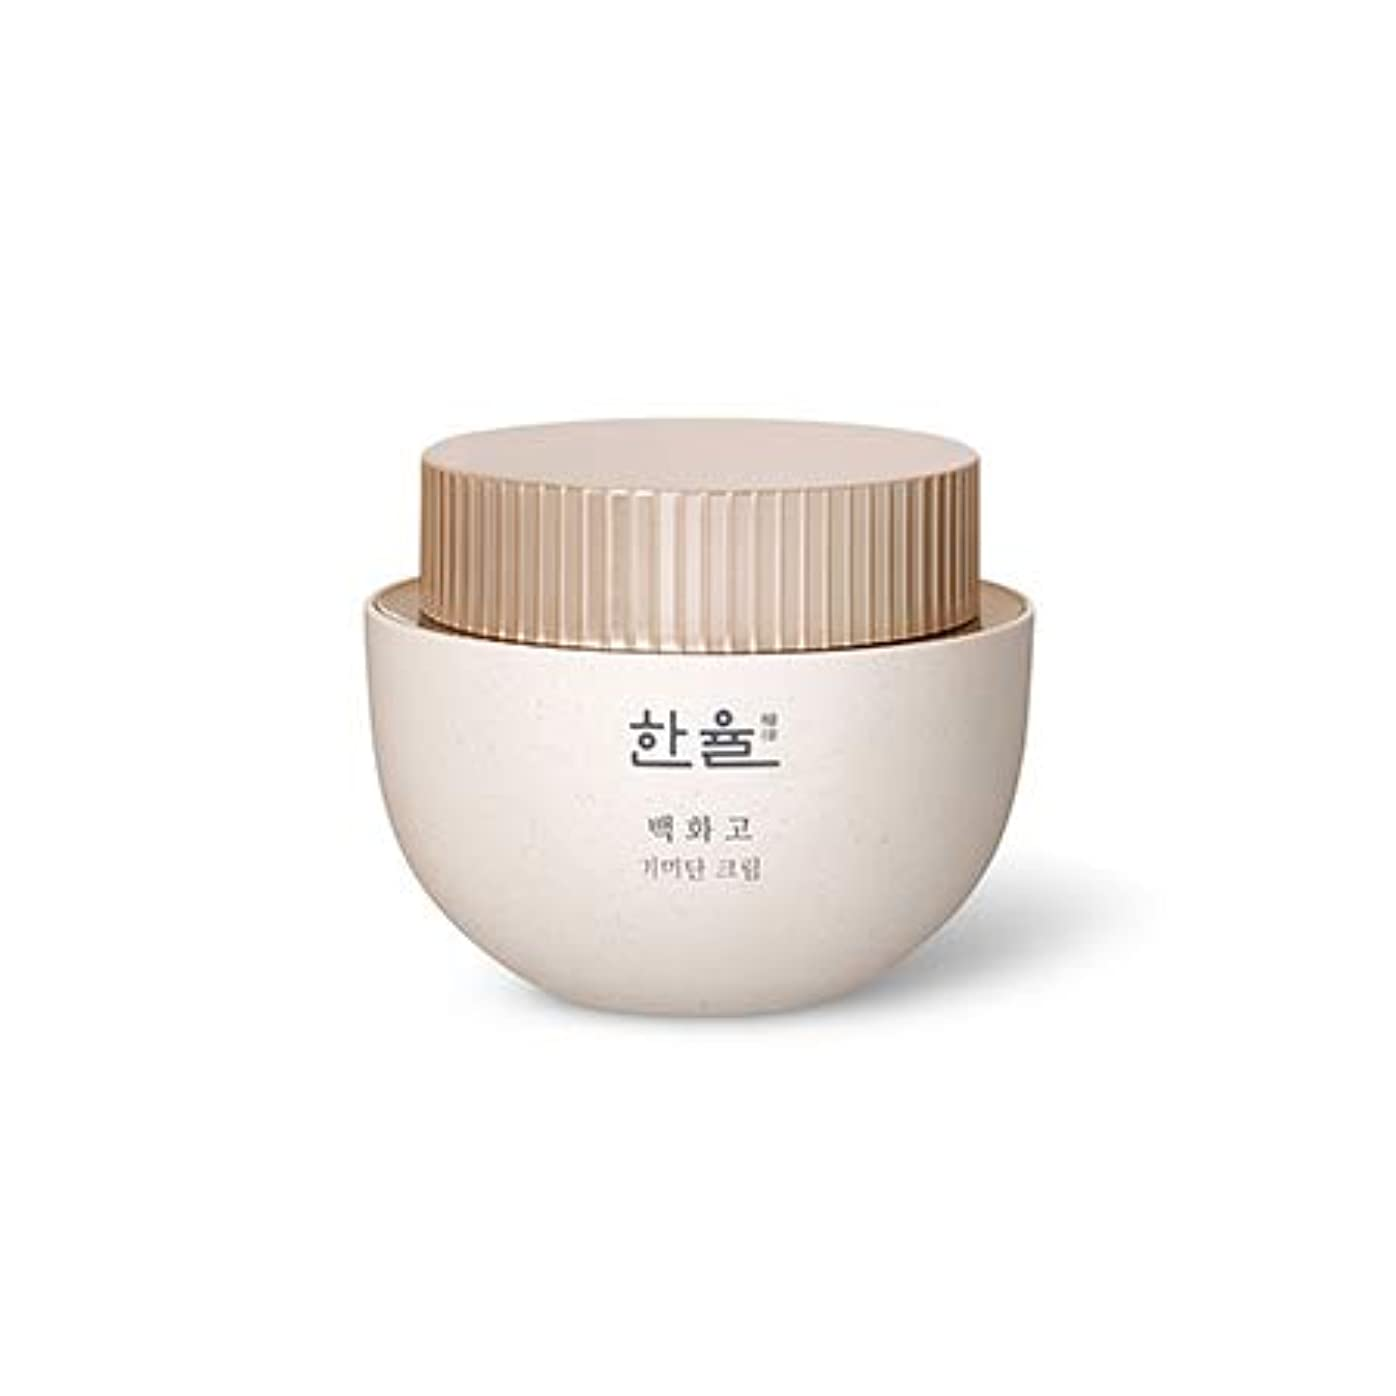 南アメリカにんじん困難[ハンユル.HANYUL]ベクファゴシミ段クリームHanyul Baek Hwa Goh Anti-Aging Cream(シミ、くすみなどの老化の兆候をケア)